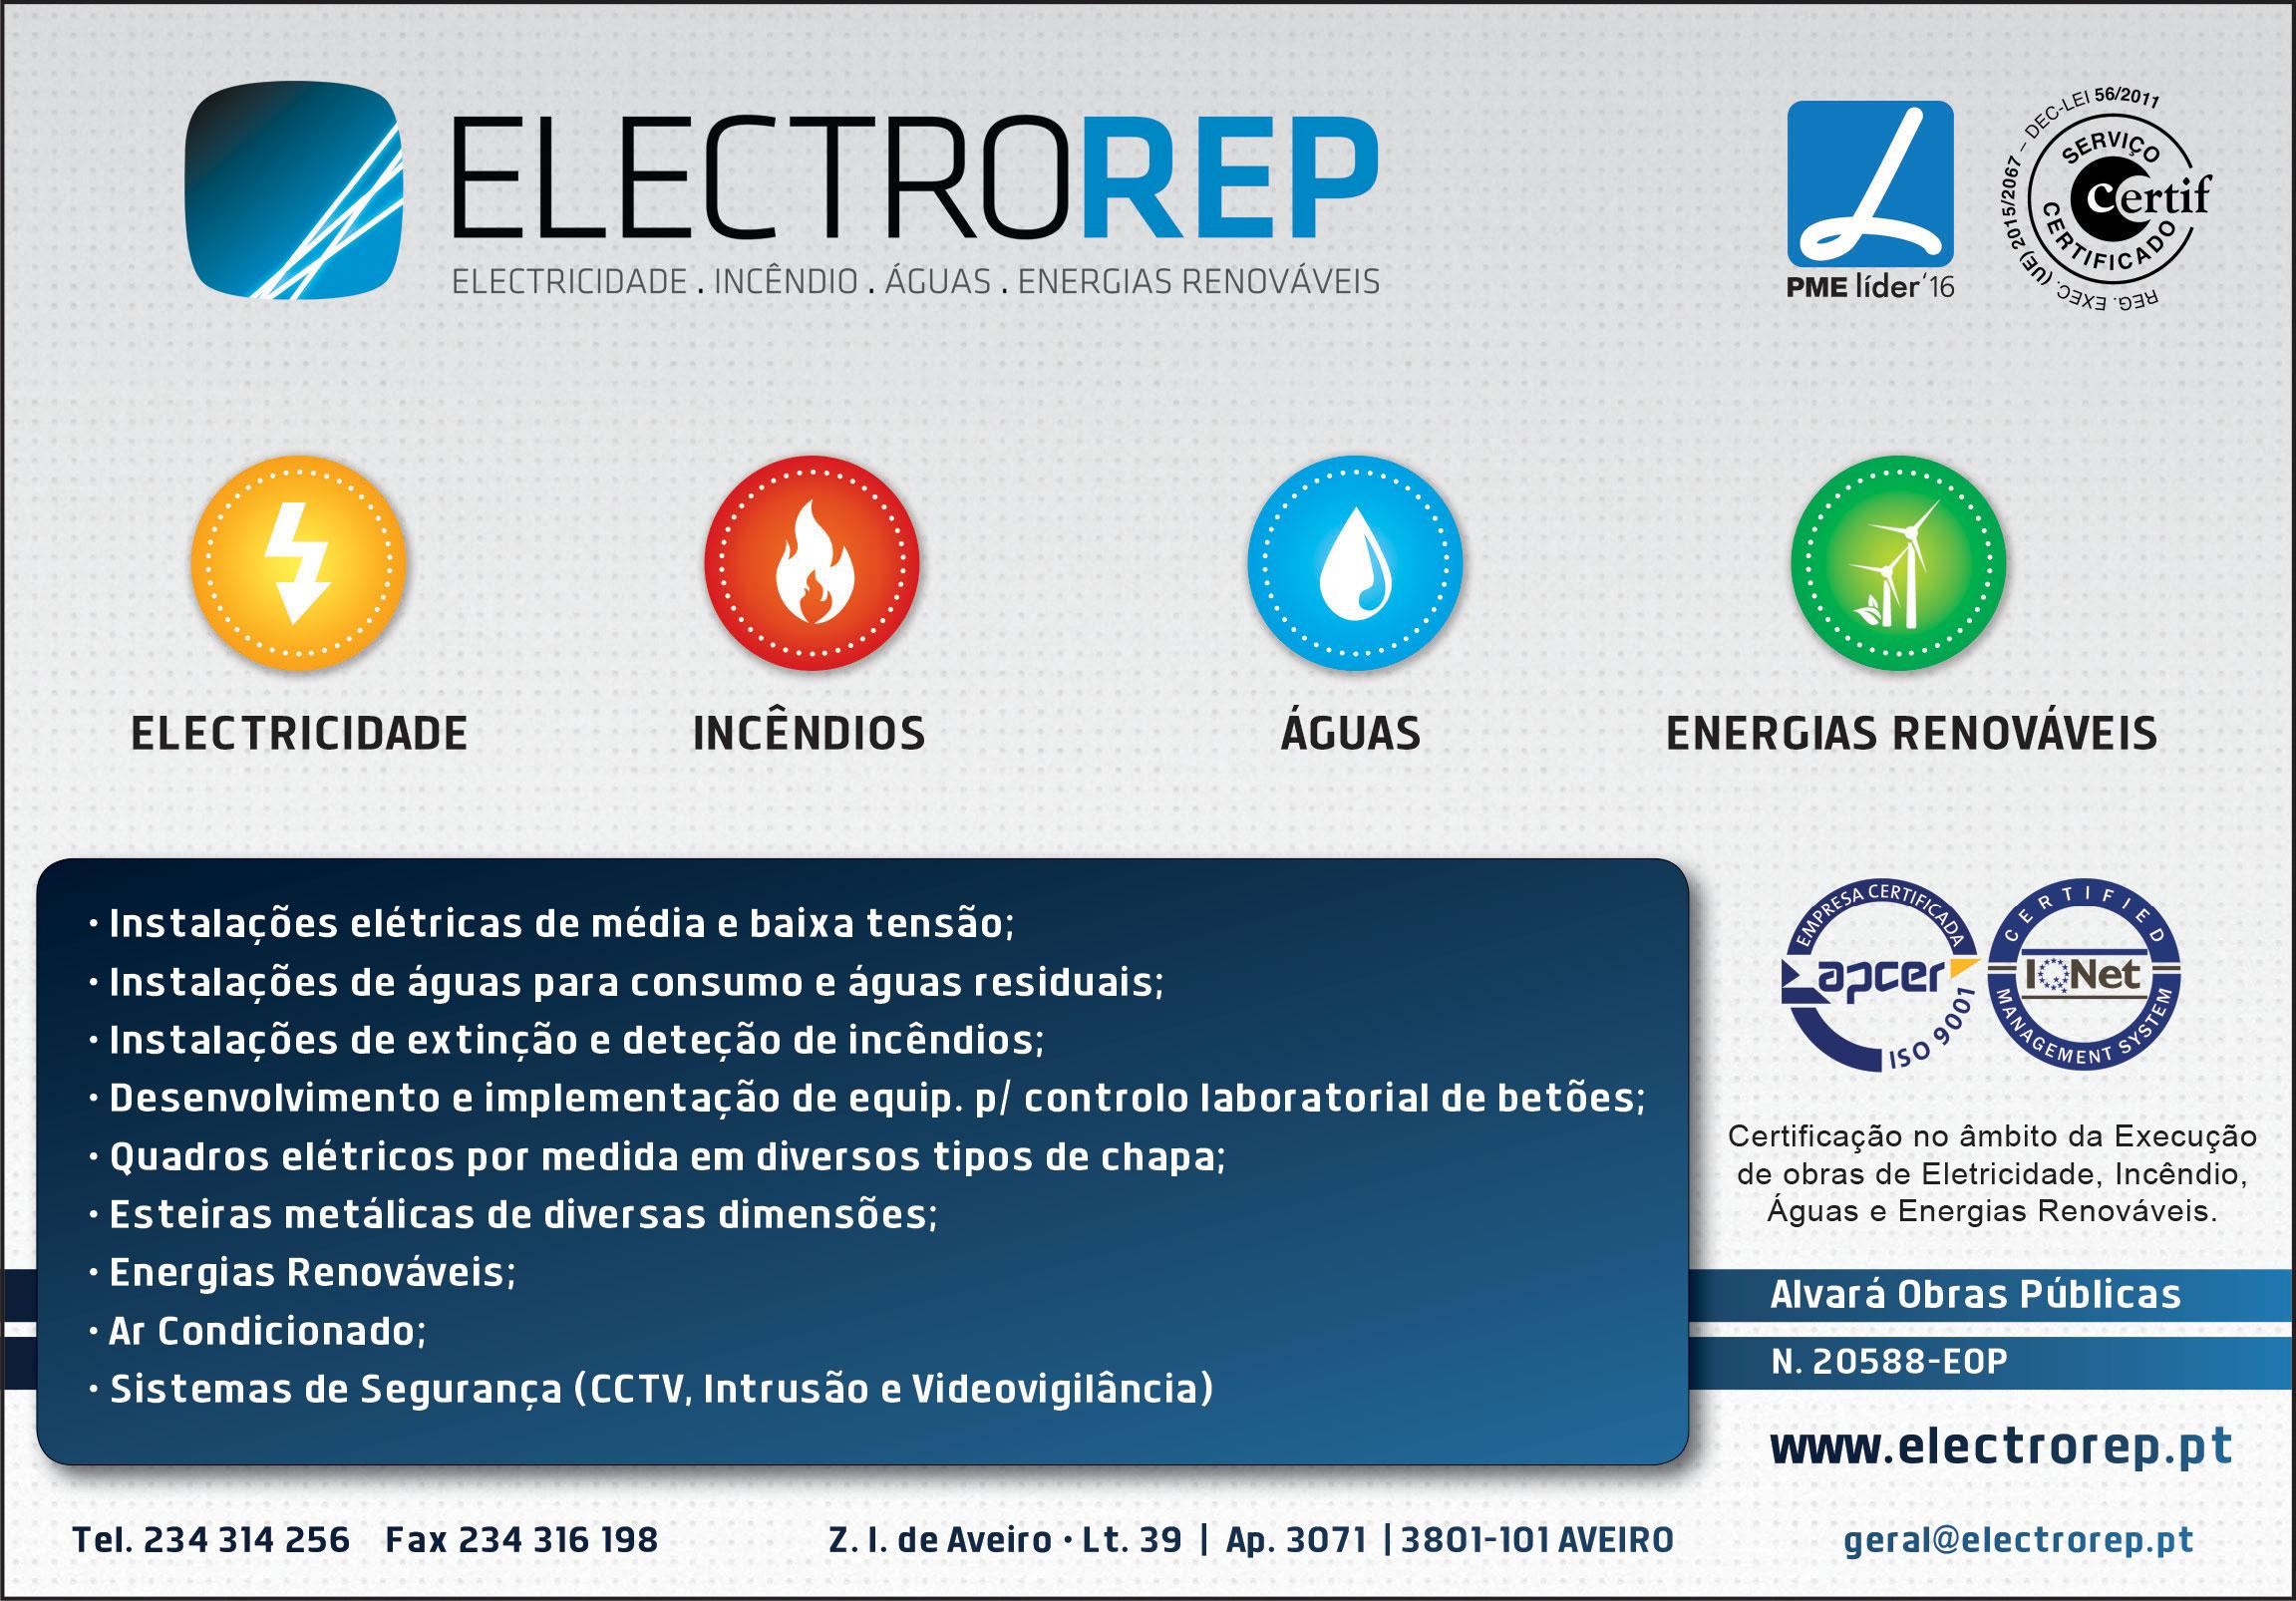 ELECTROREP • SOC. ELECTRICIDADE DE AVEIRO, LDA.